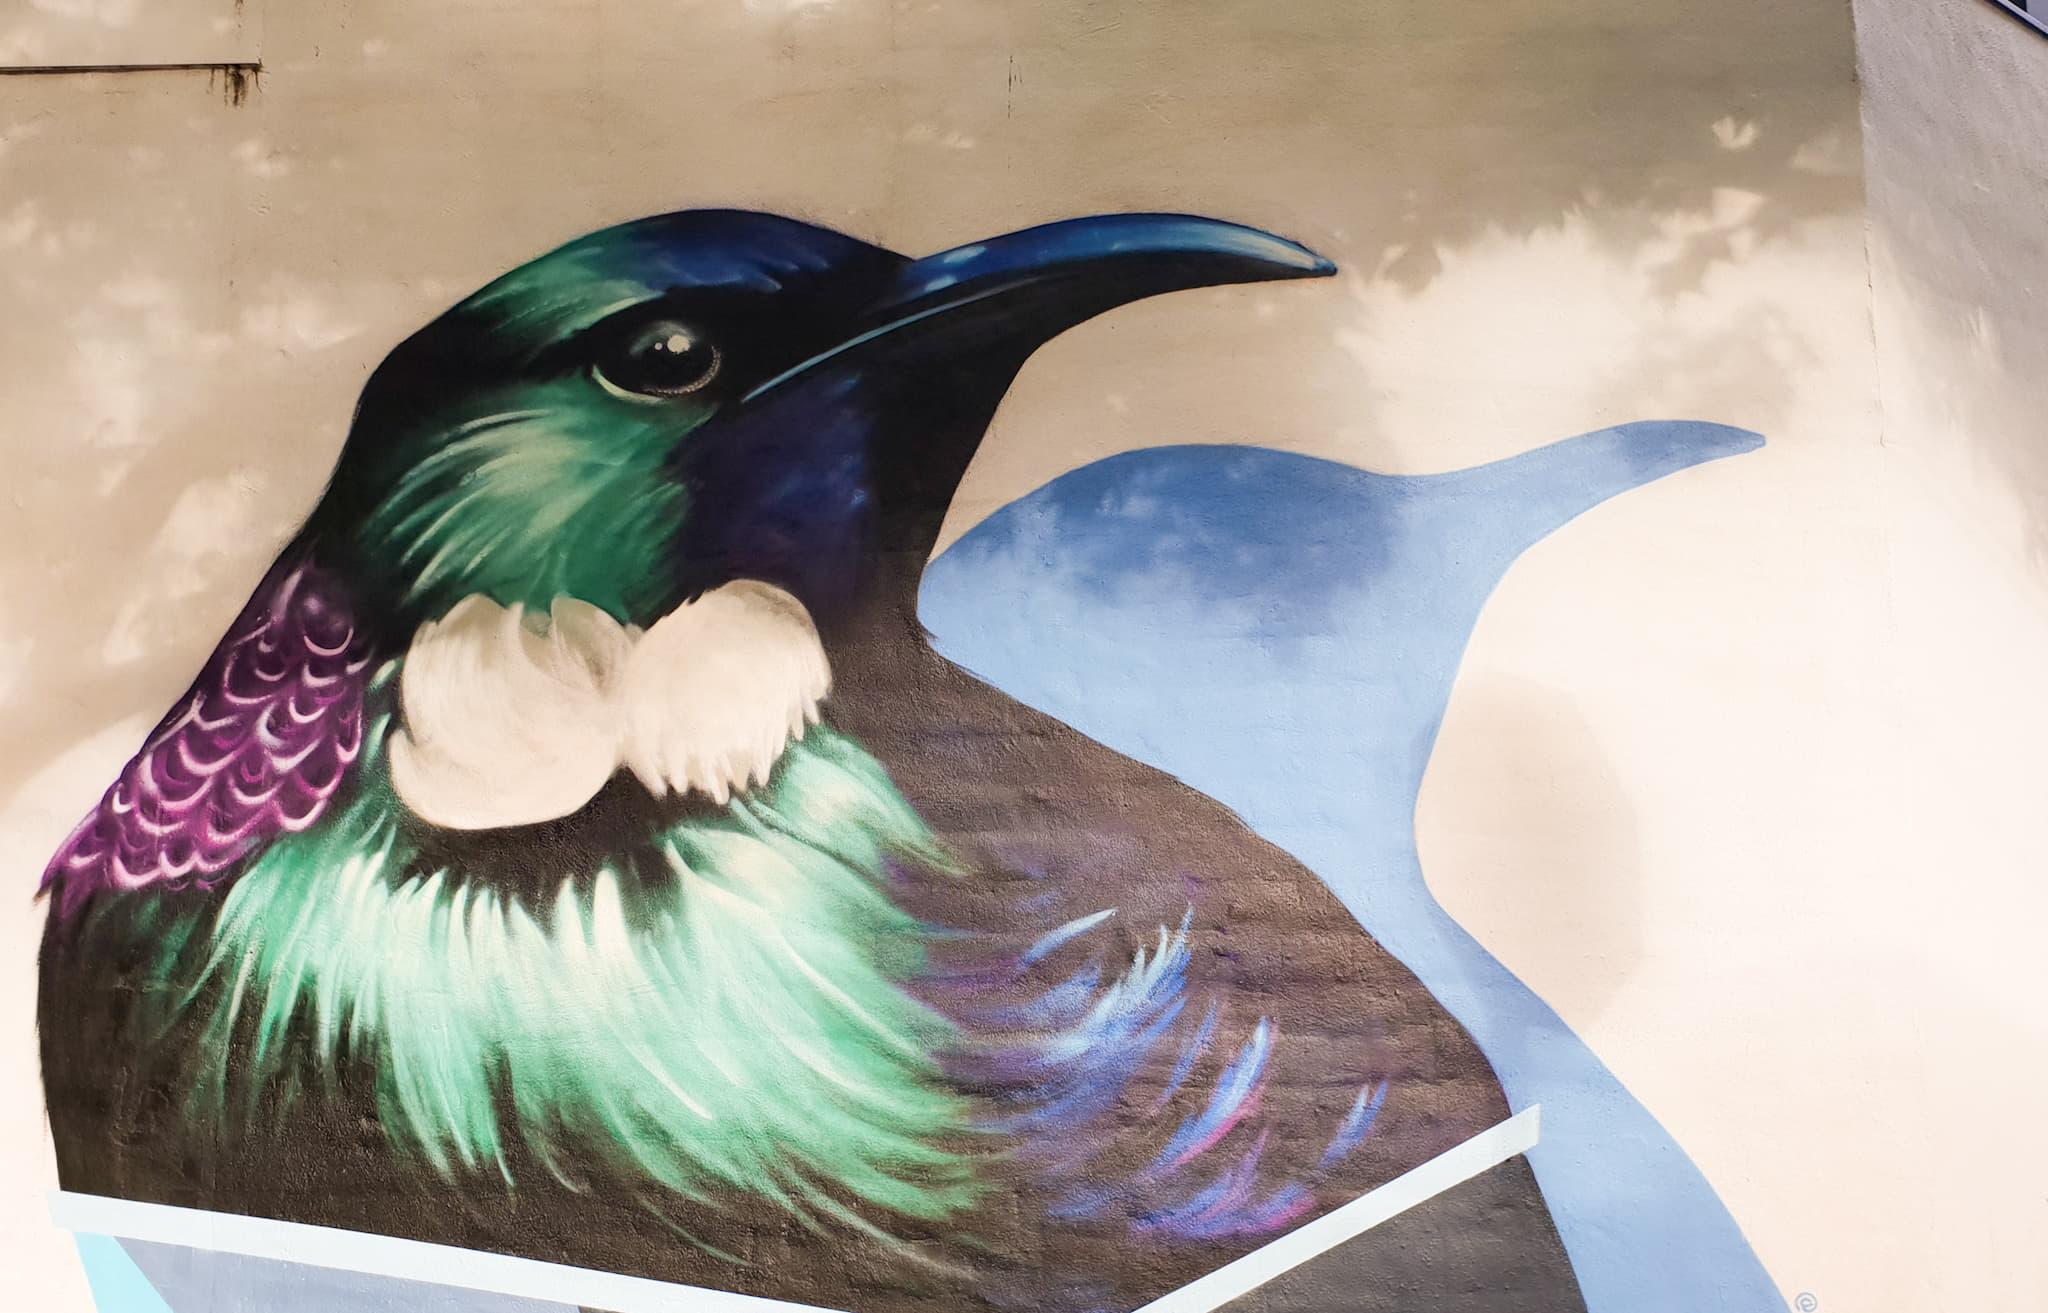 Street Art in Surry Hills